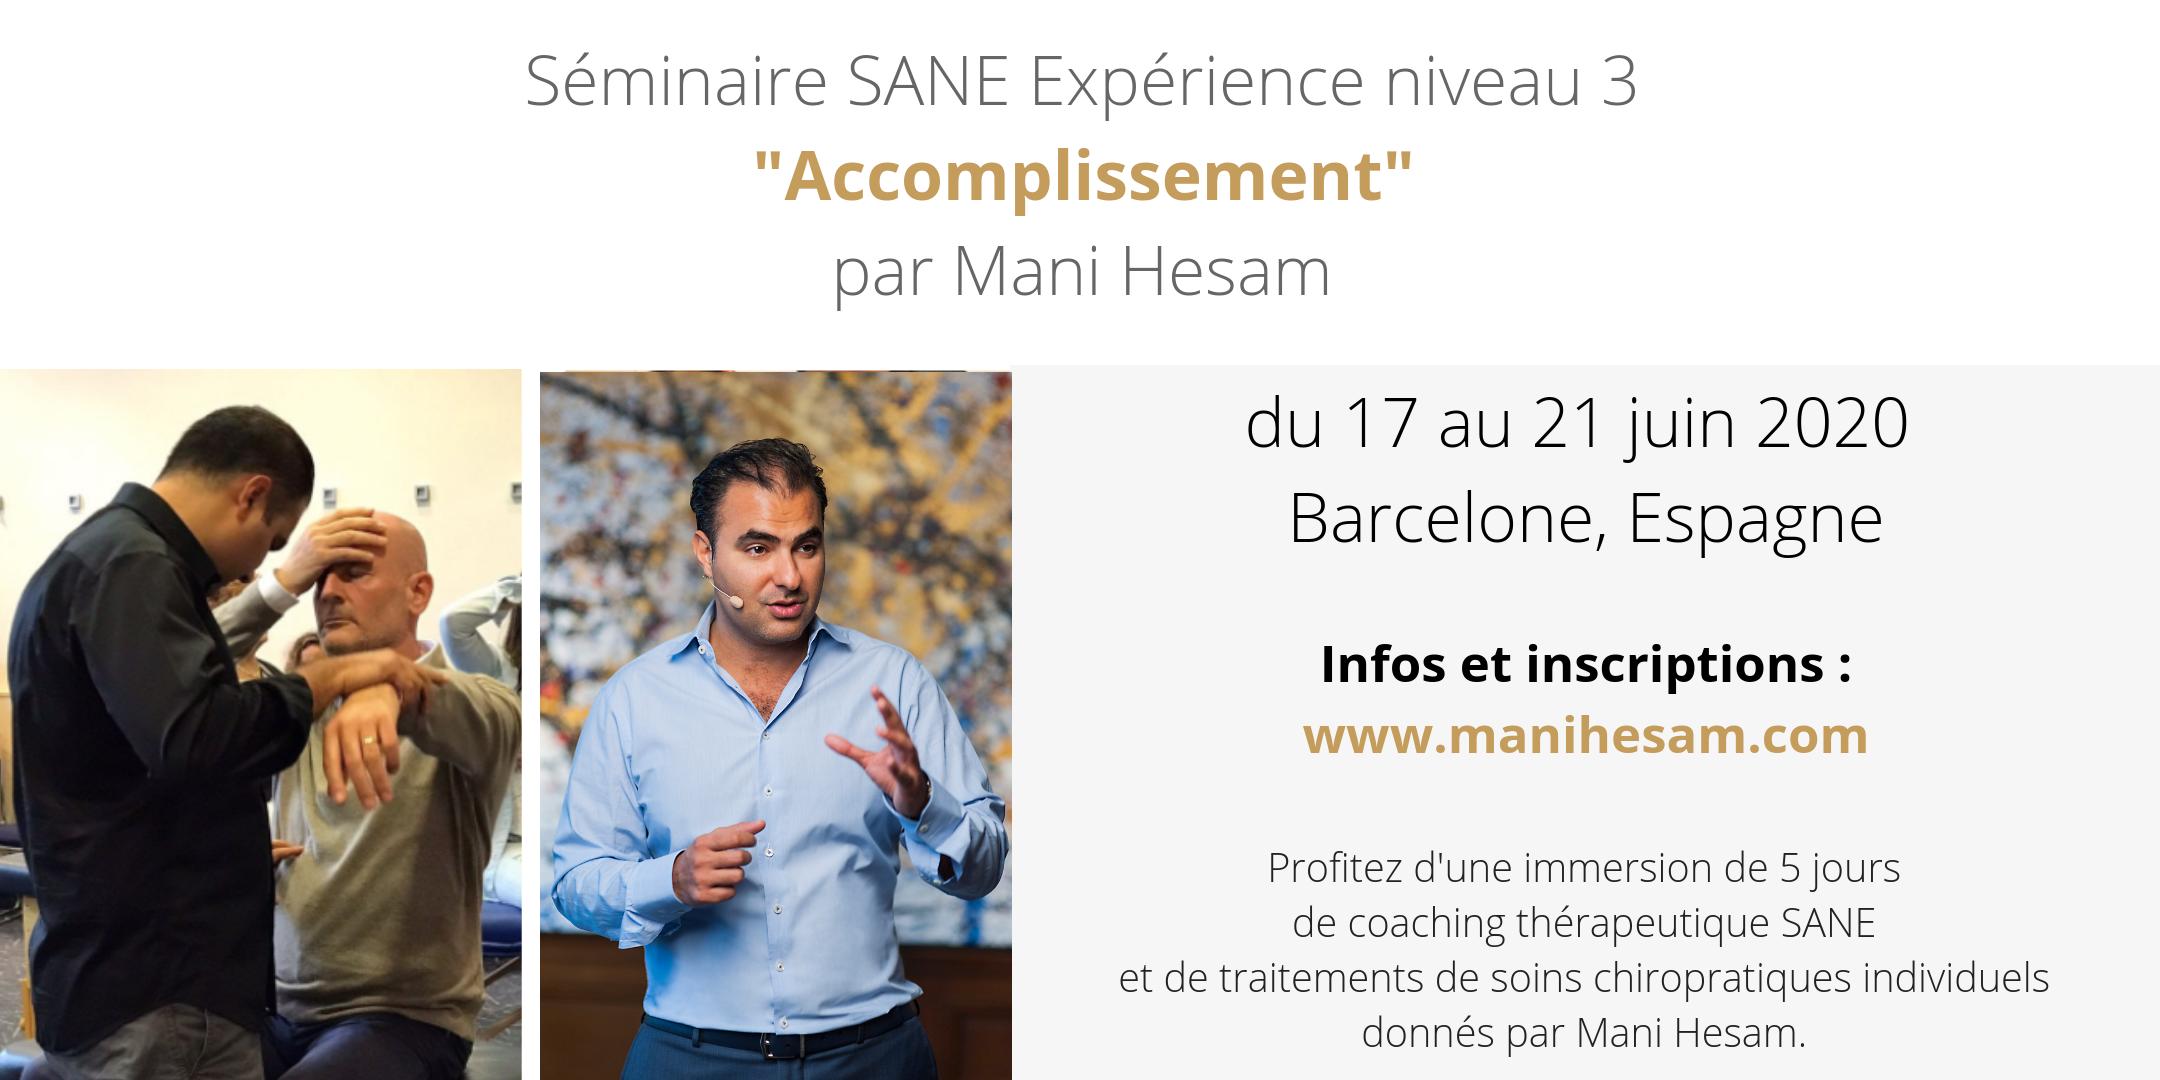 17 au 21 juin 2020, Barcelone - Séminaire SANE niveau 3